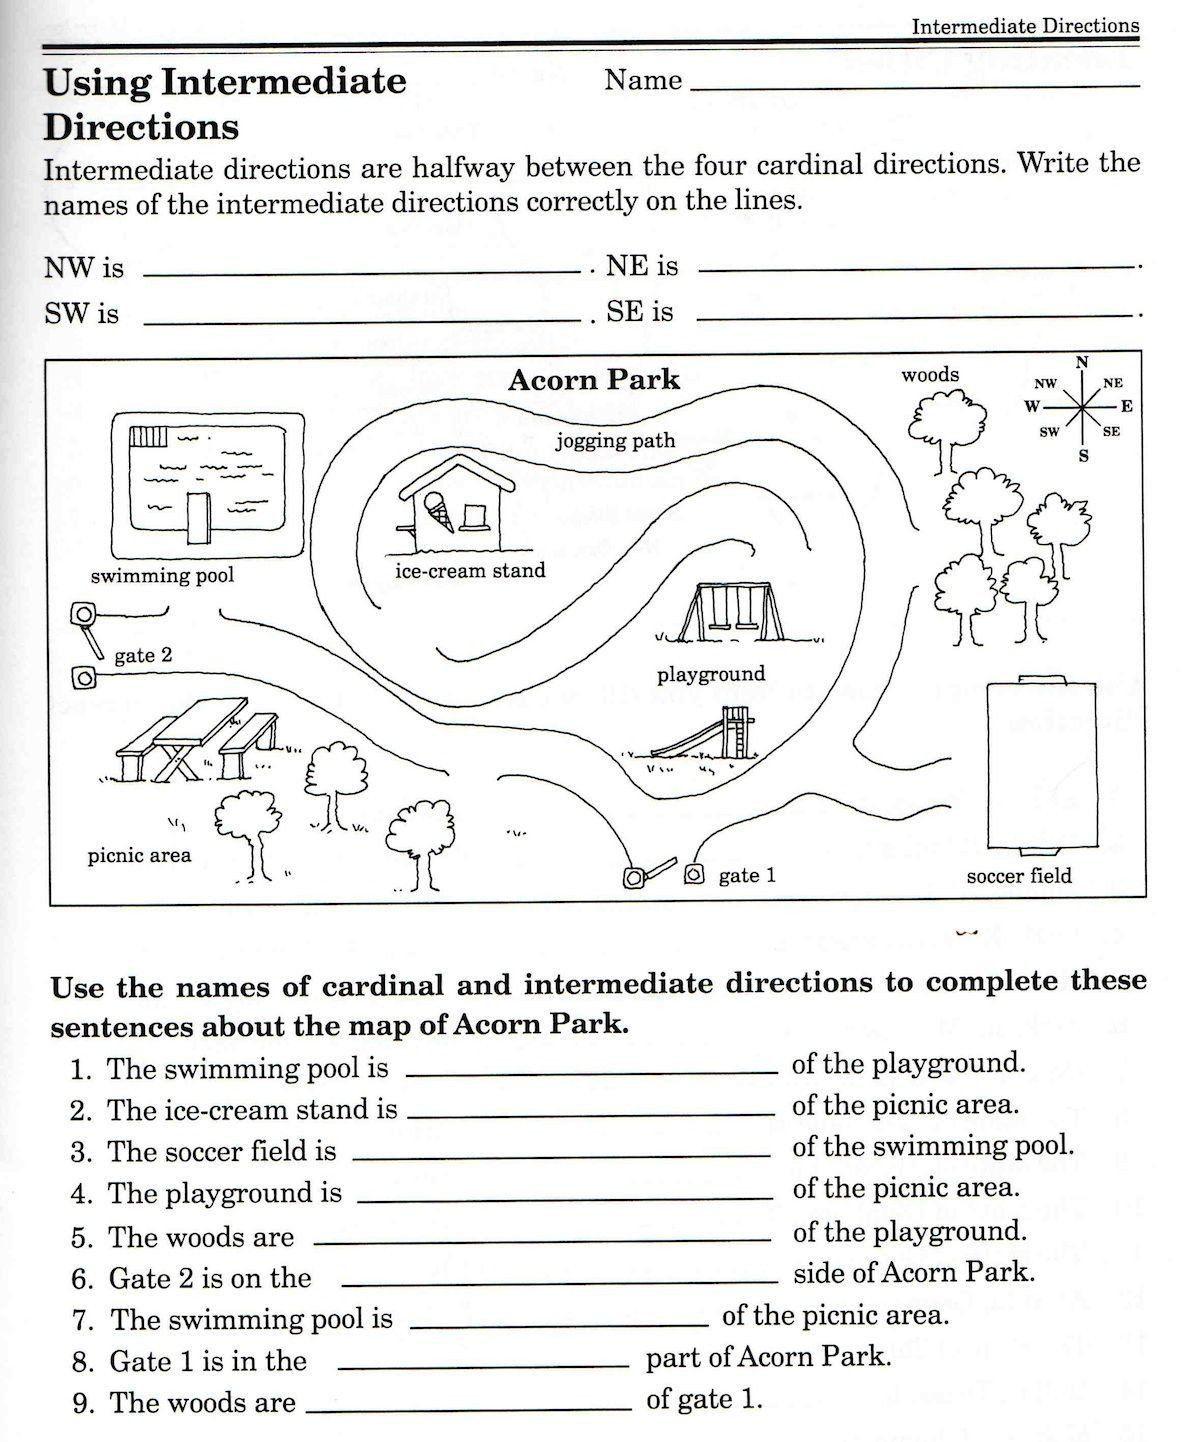 Cardinal Directions Worksheets 3rd Grade 3 Cardinal